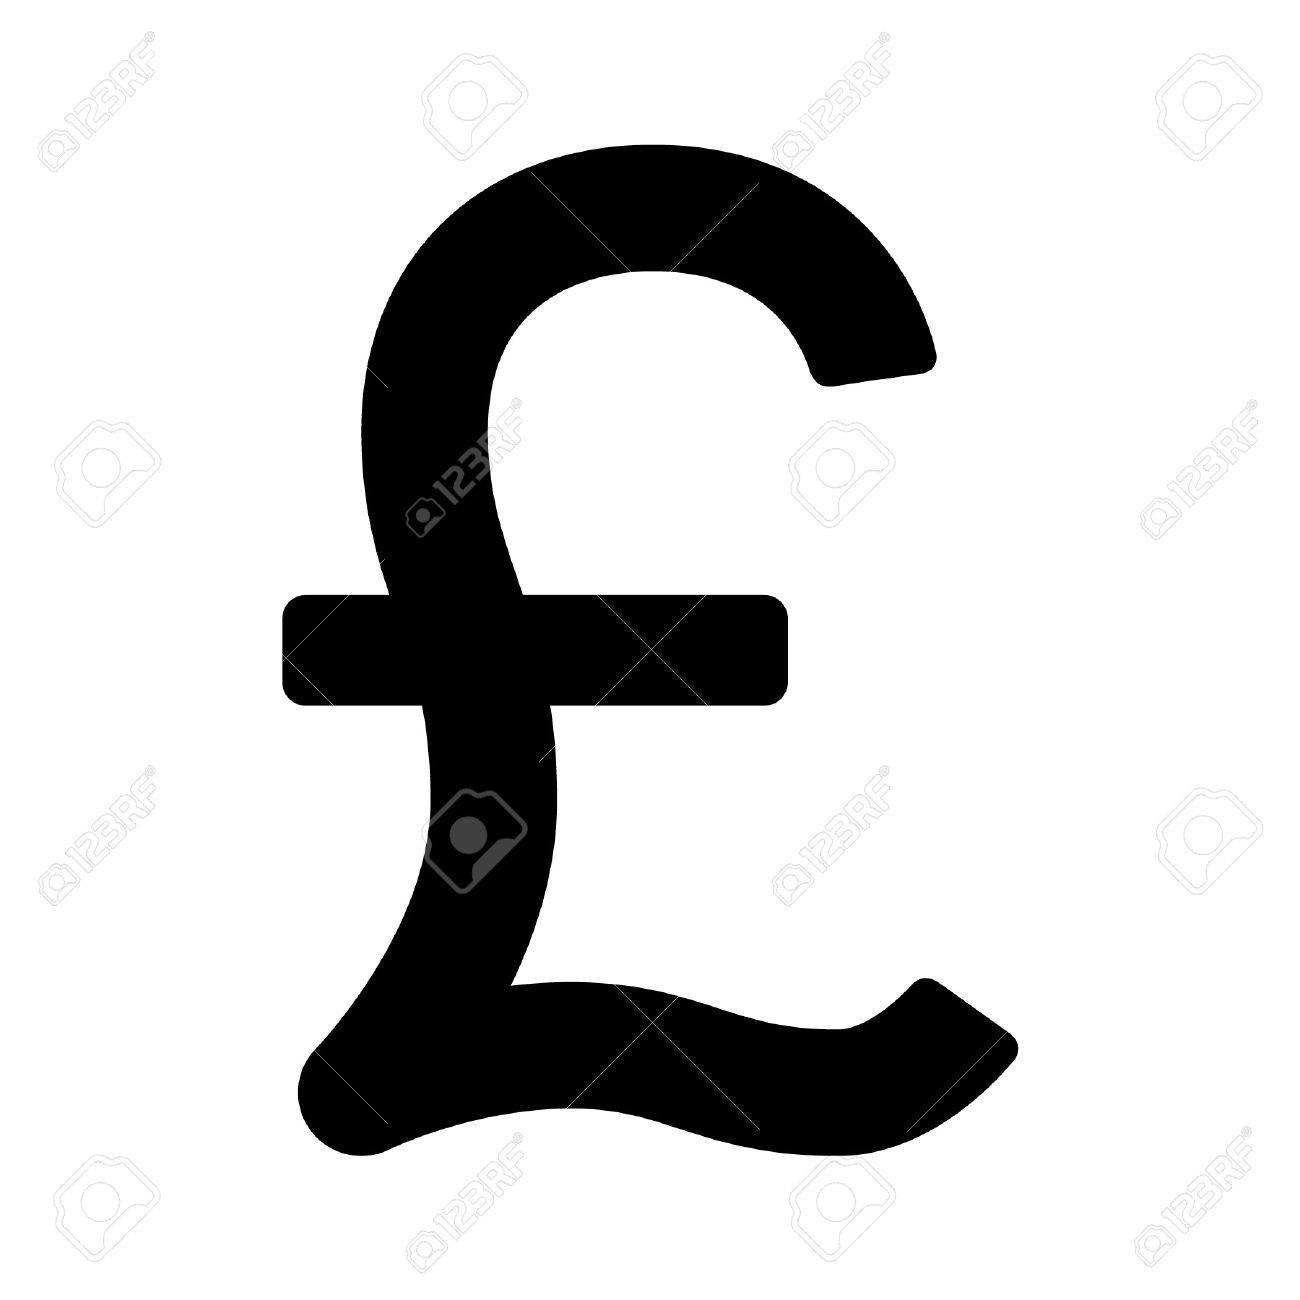 Livre Sterling Symbole Monetaire Icone Plat Pour Les Applications Et Sites Web